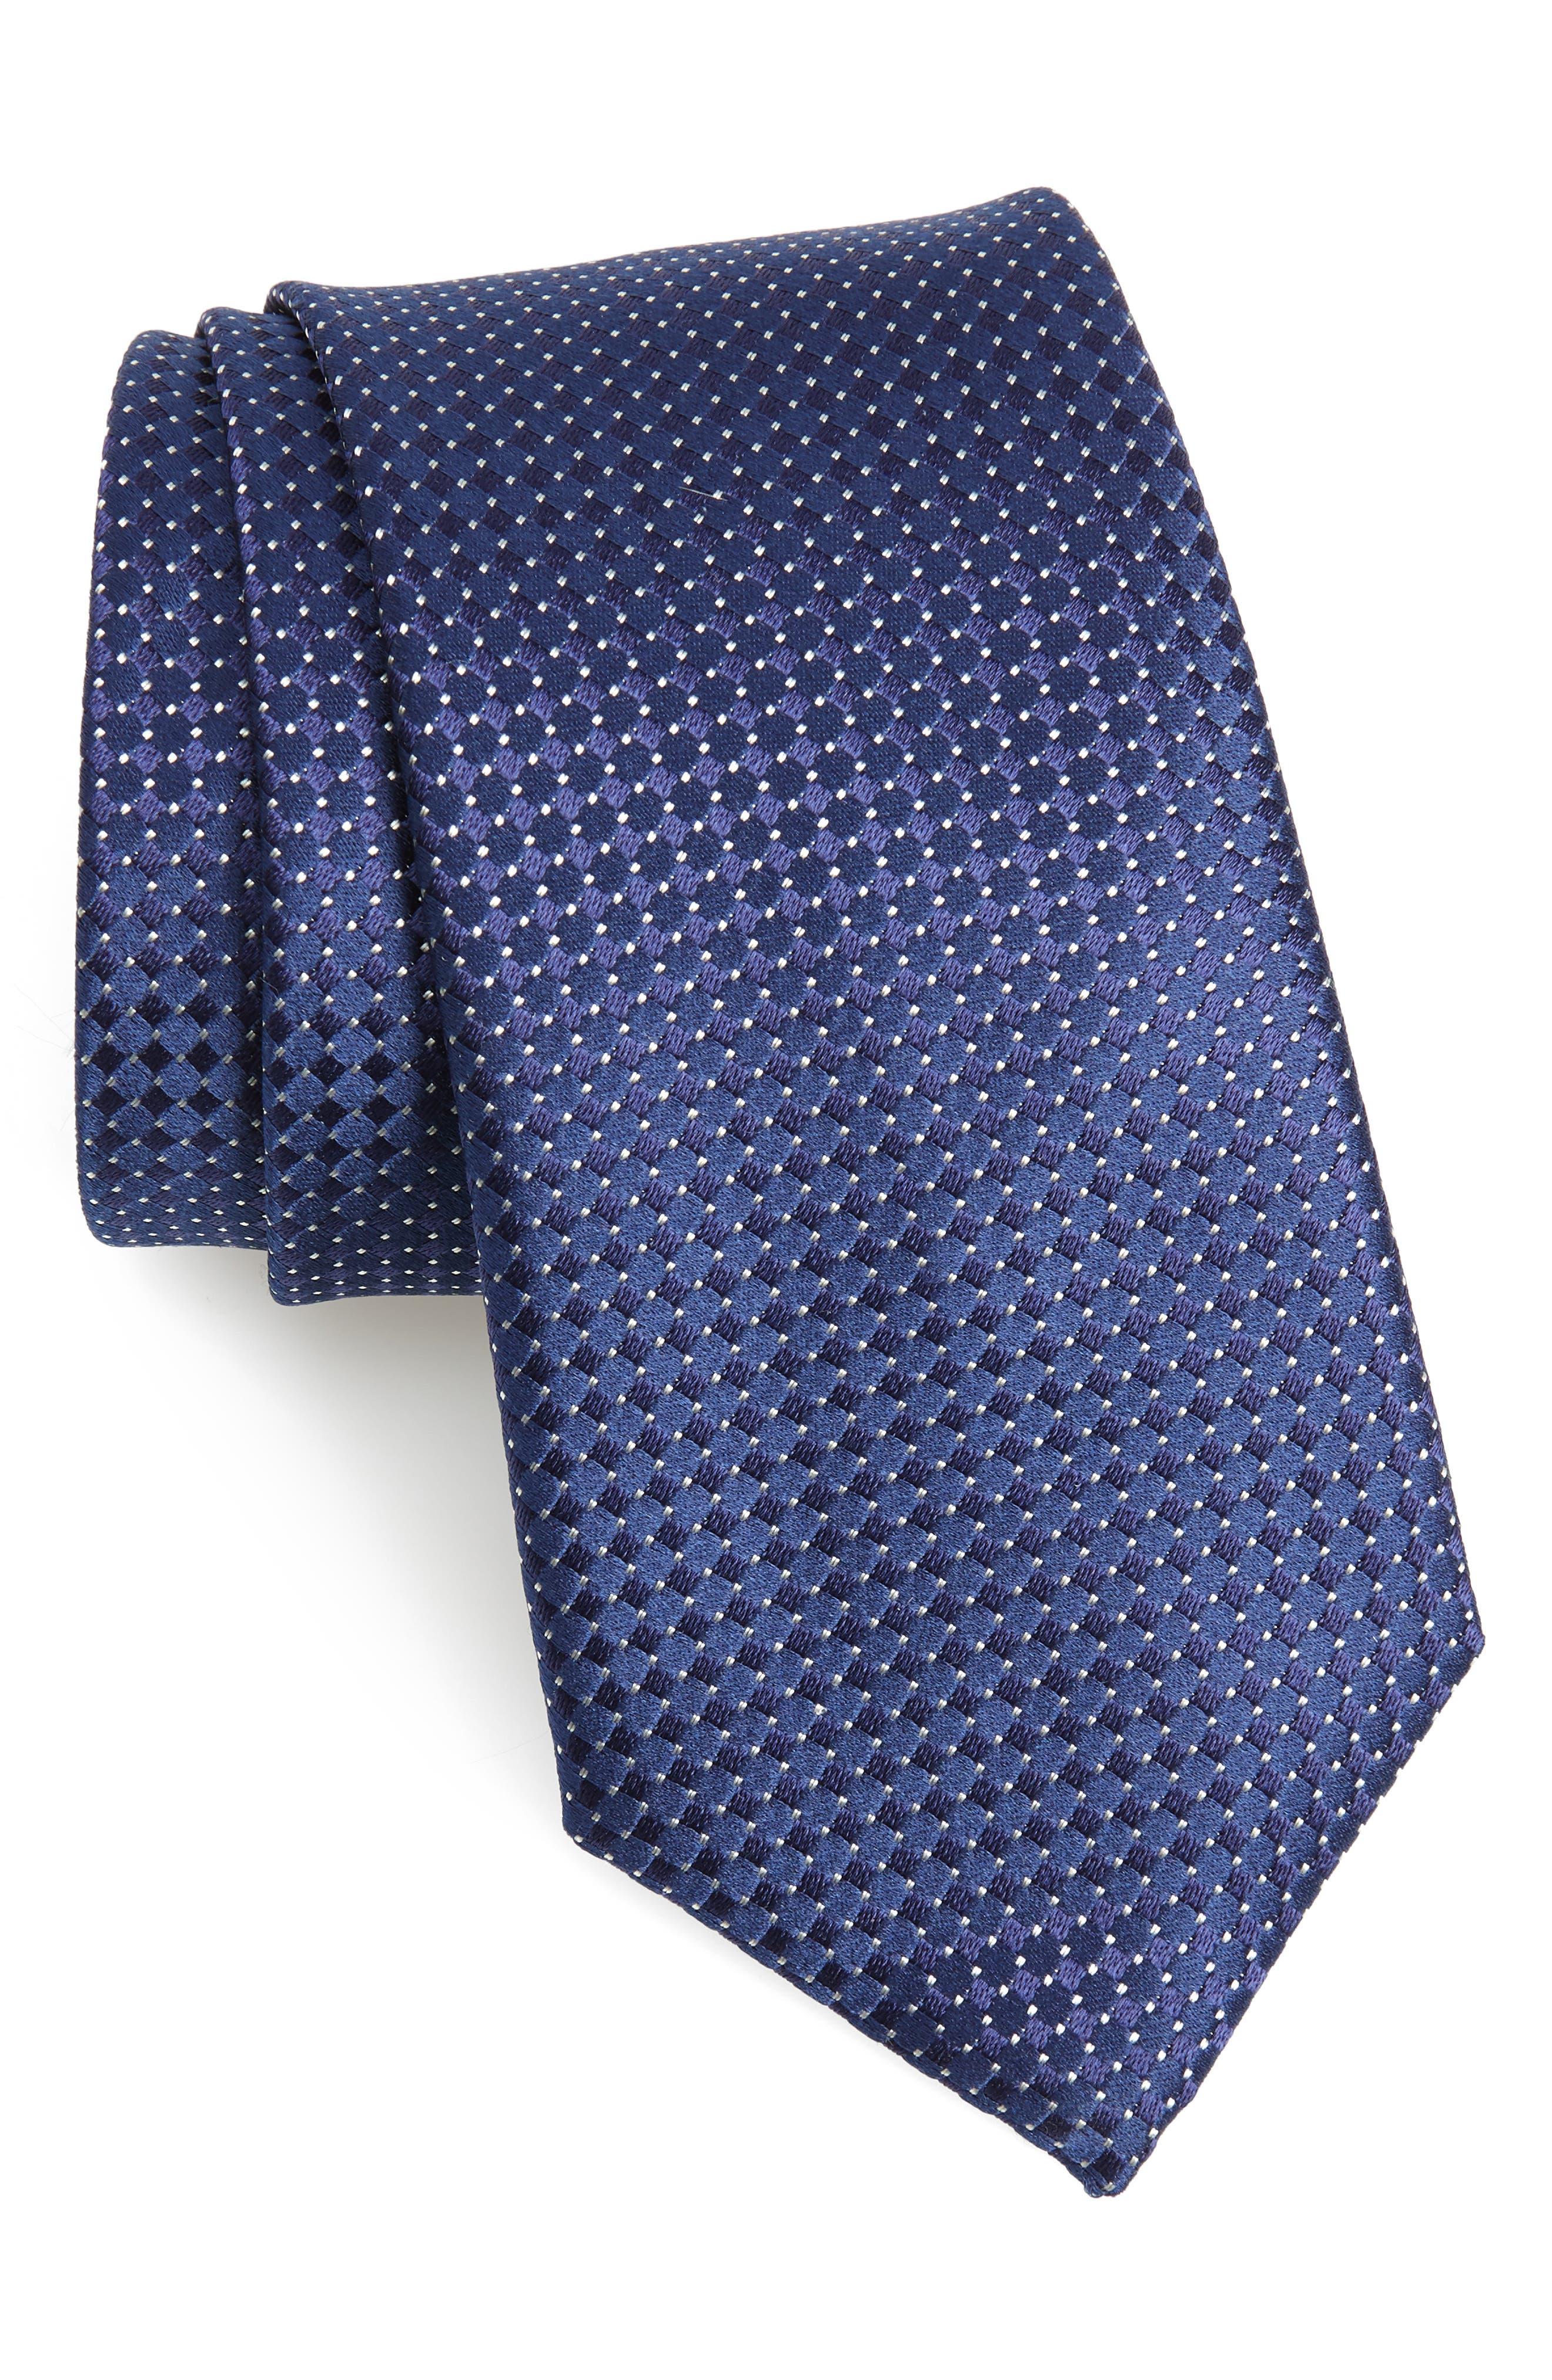 Neat Silk Tie,                         Main,                         color, NAVY